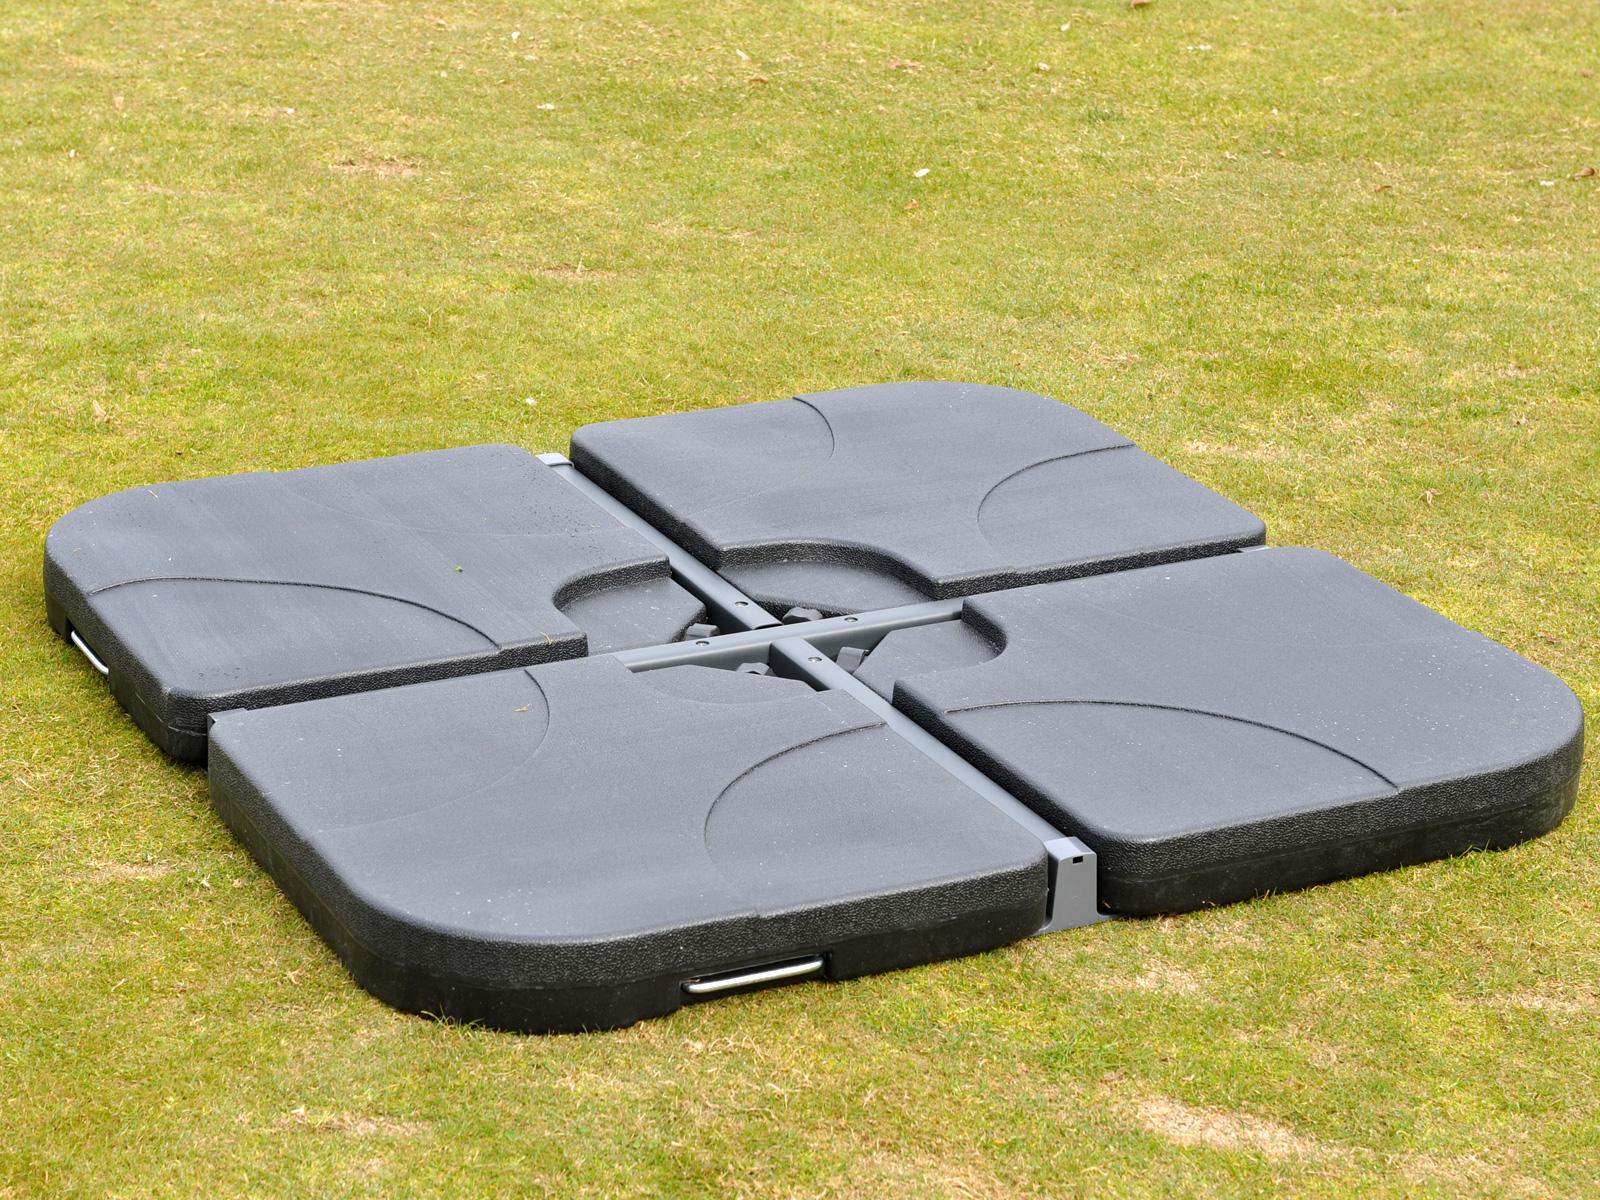 ampelschirmst nder marktschirmst nder f r bodenkreuz 65kg. Black Bedroom Furniture Sets. Home Design Ideas